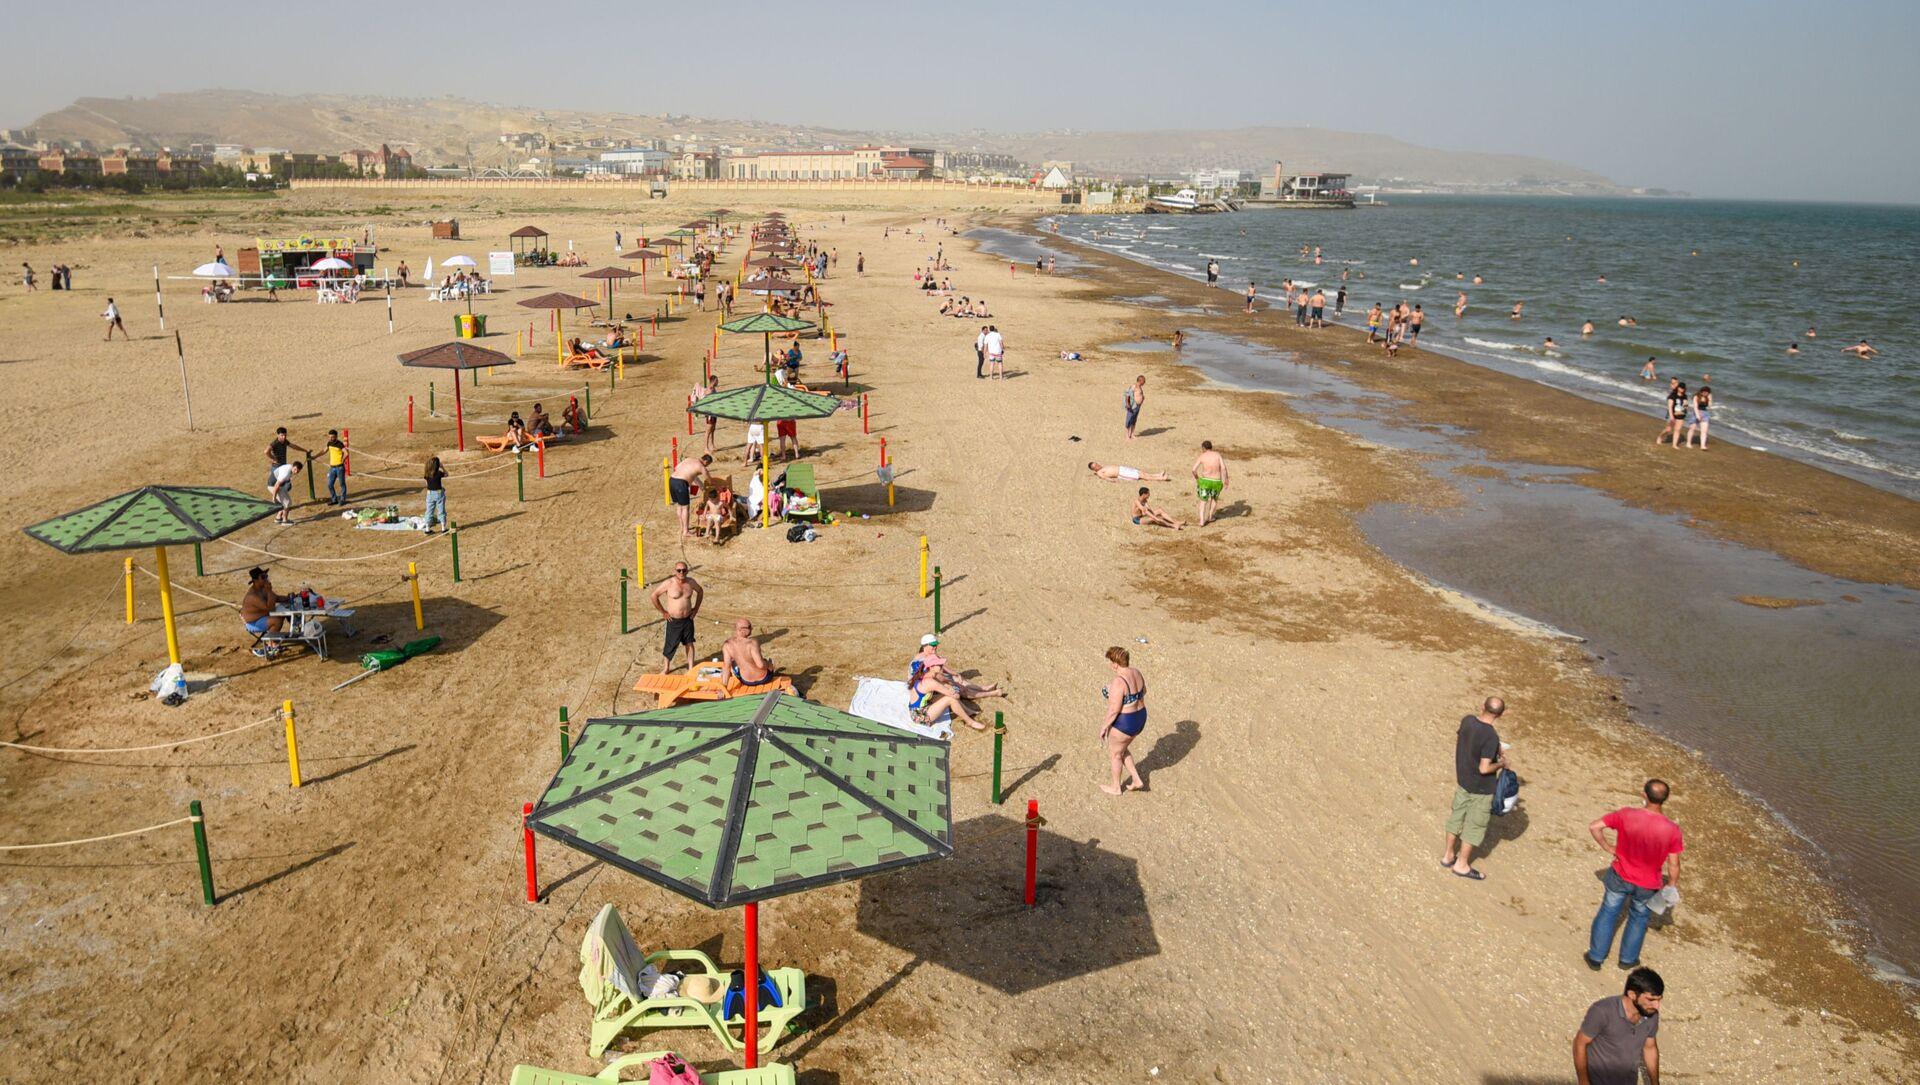 Открытие пляжного сезона в Баку, фото из архива - Sputnik Azərbaycan, 1920, 28.08.2021